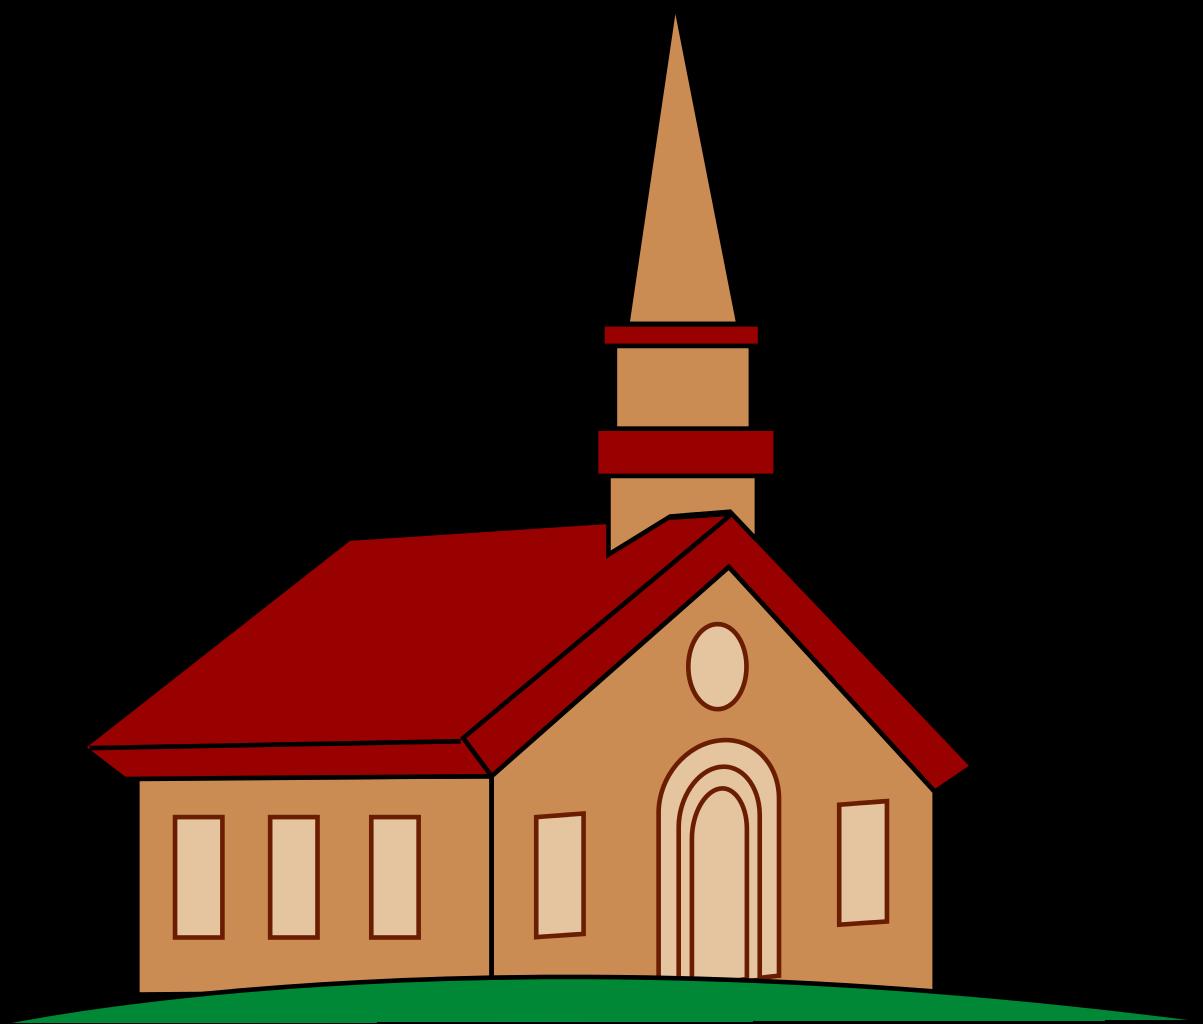 1203x1024 Lds Church Clipart 101 Clip Art